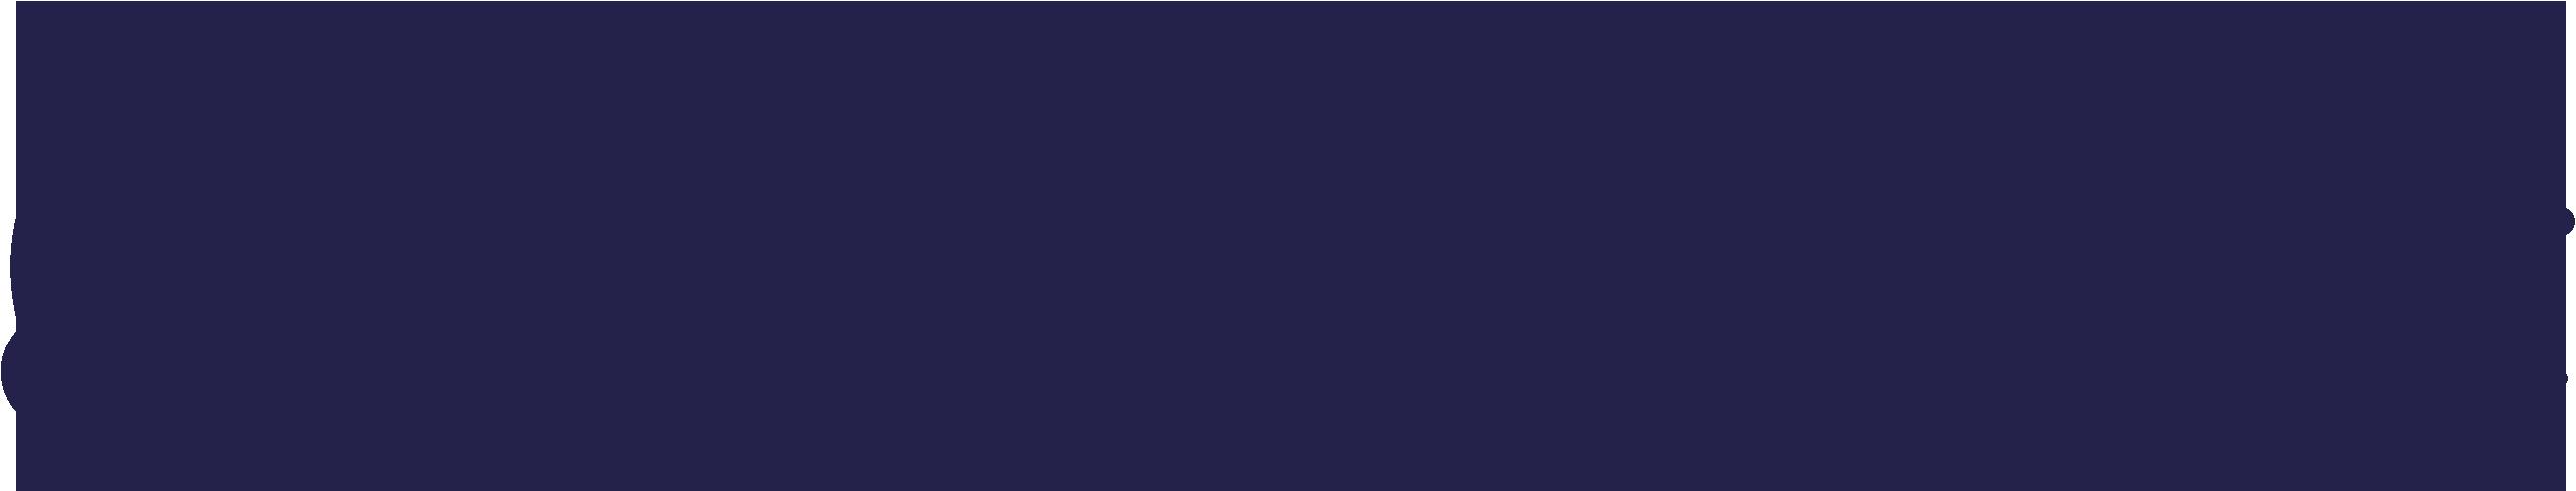 Von Gunten & Co. AG